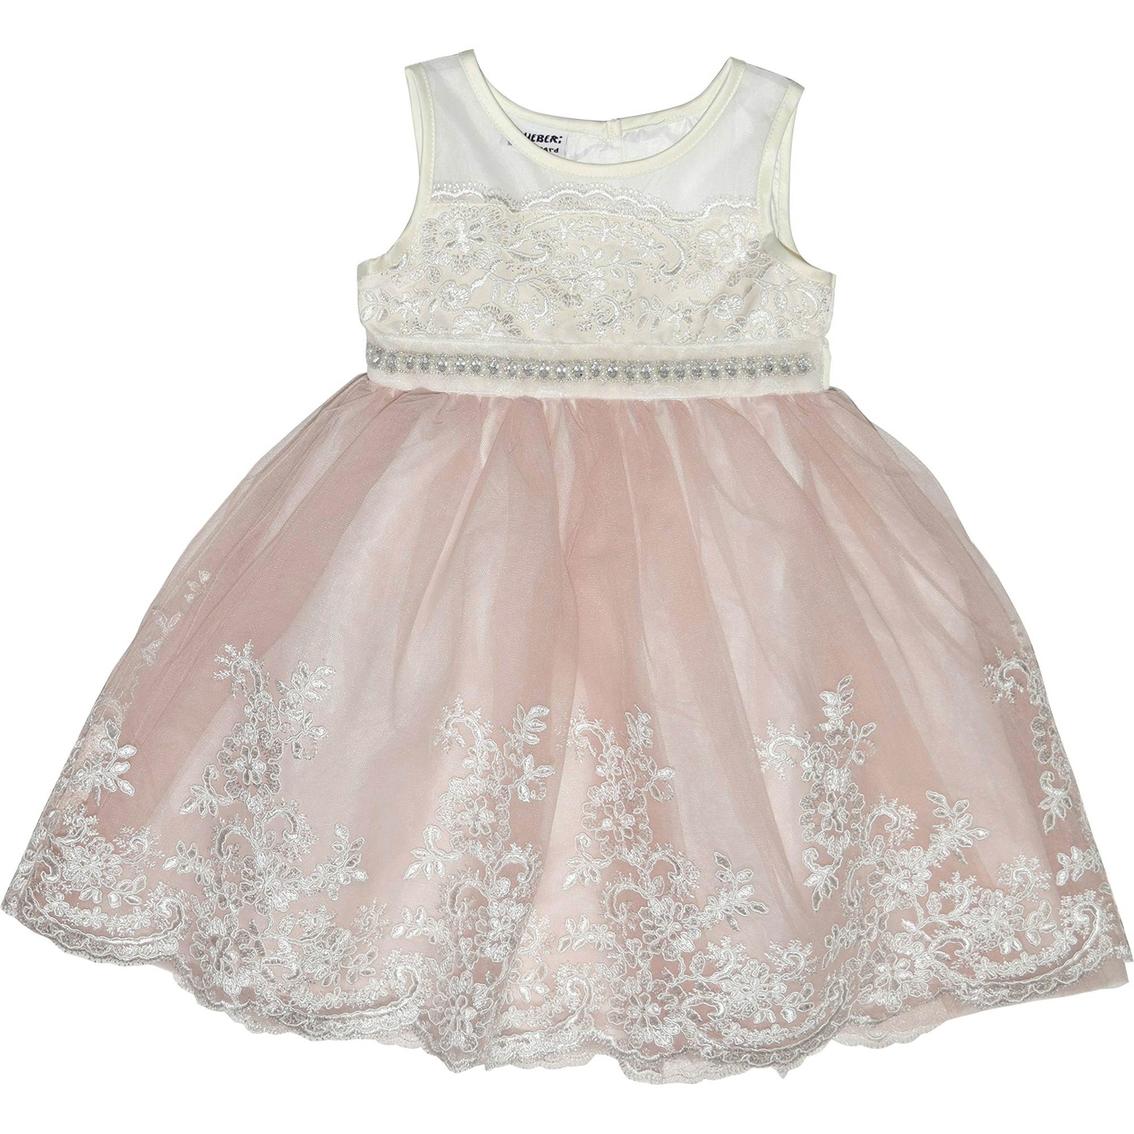 968b9ba56c69c Blueberi Boulevard Infant Girls Tulle Border Dress | Baby Girl 0-24 ...